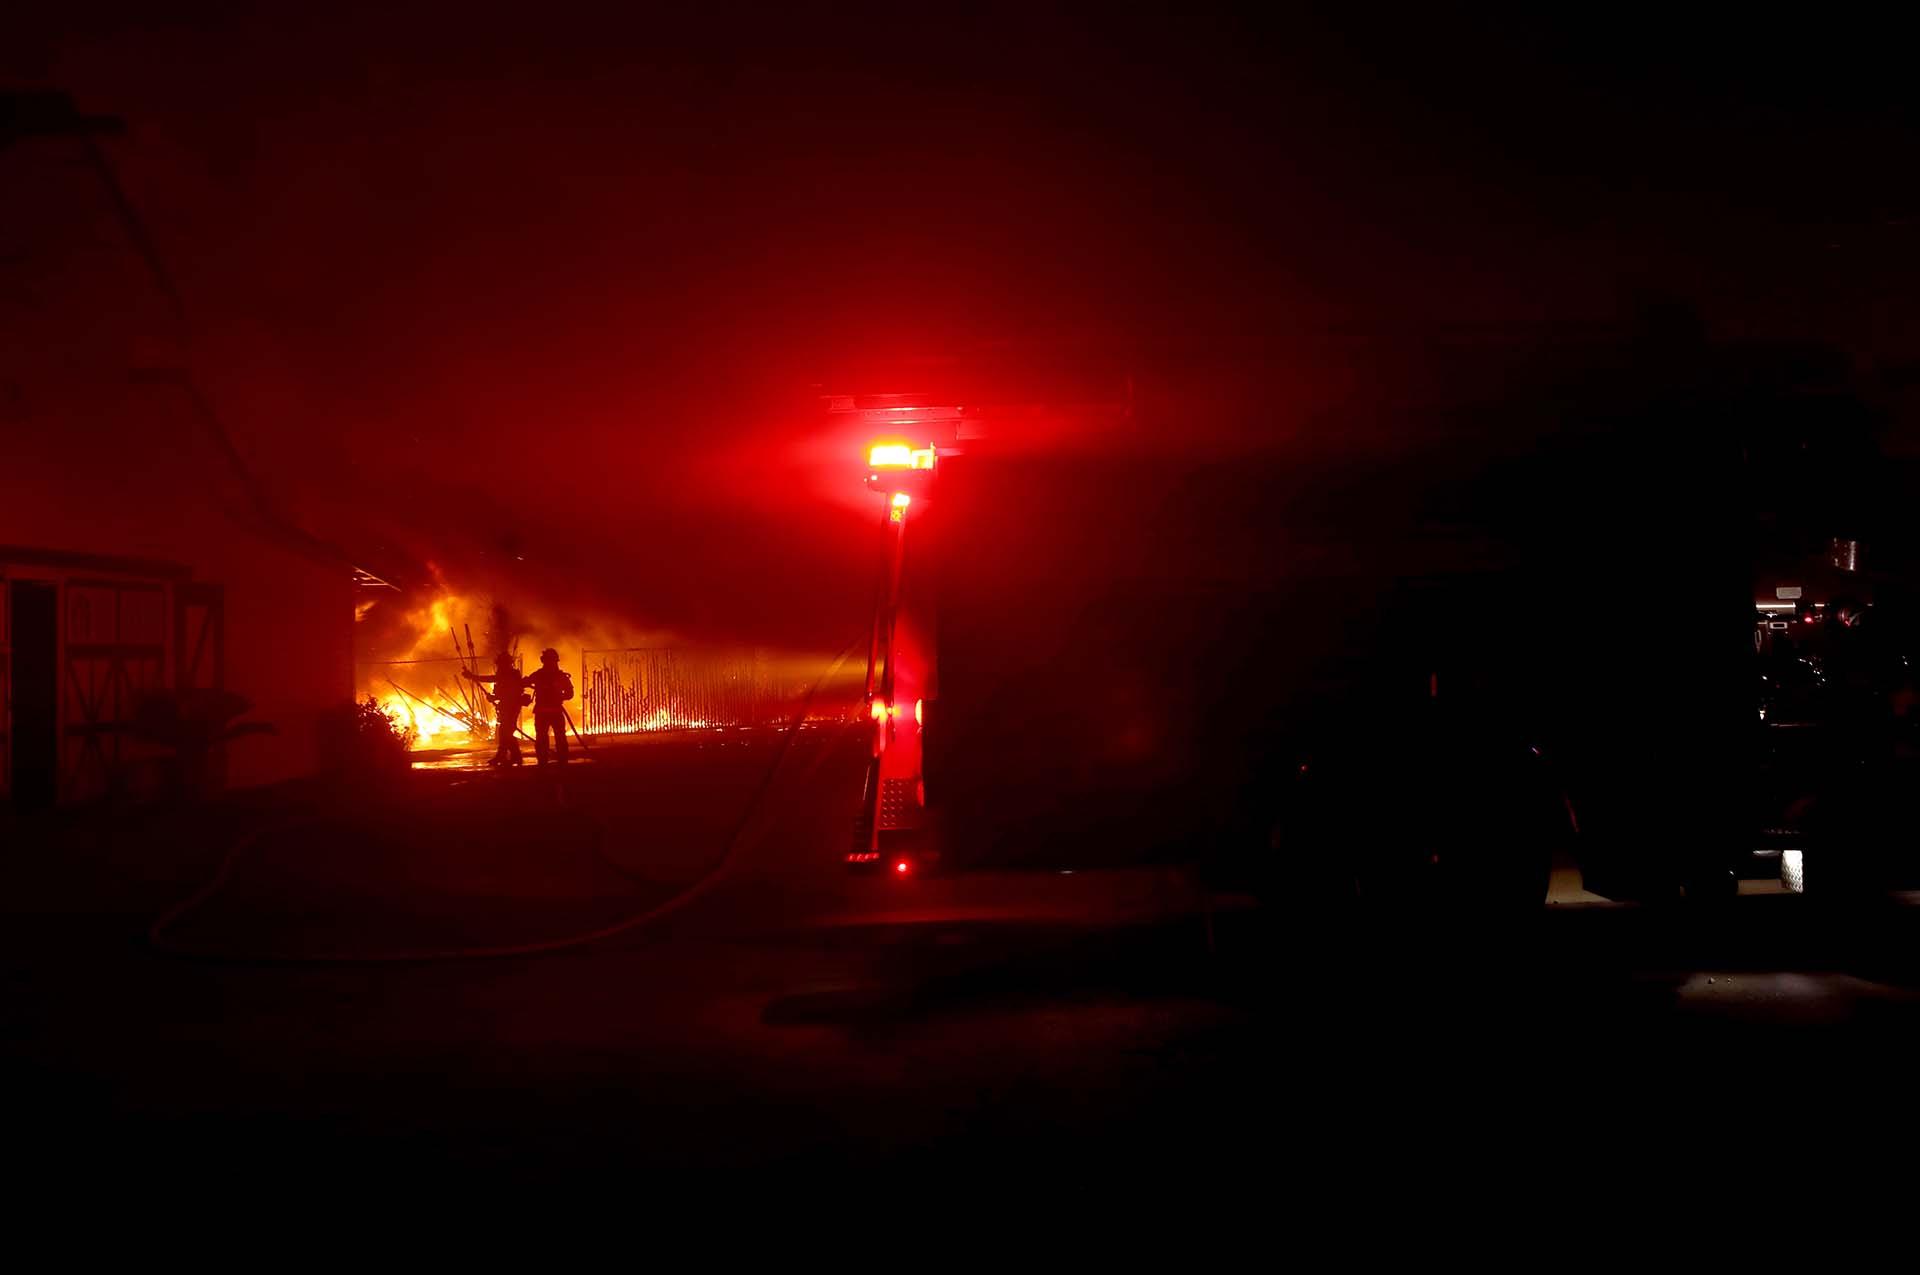 Un bombero sostiene su casco en medio de ráfagas de viento mientras lucha contra el incendio de Kincade en Santa Rosa, California